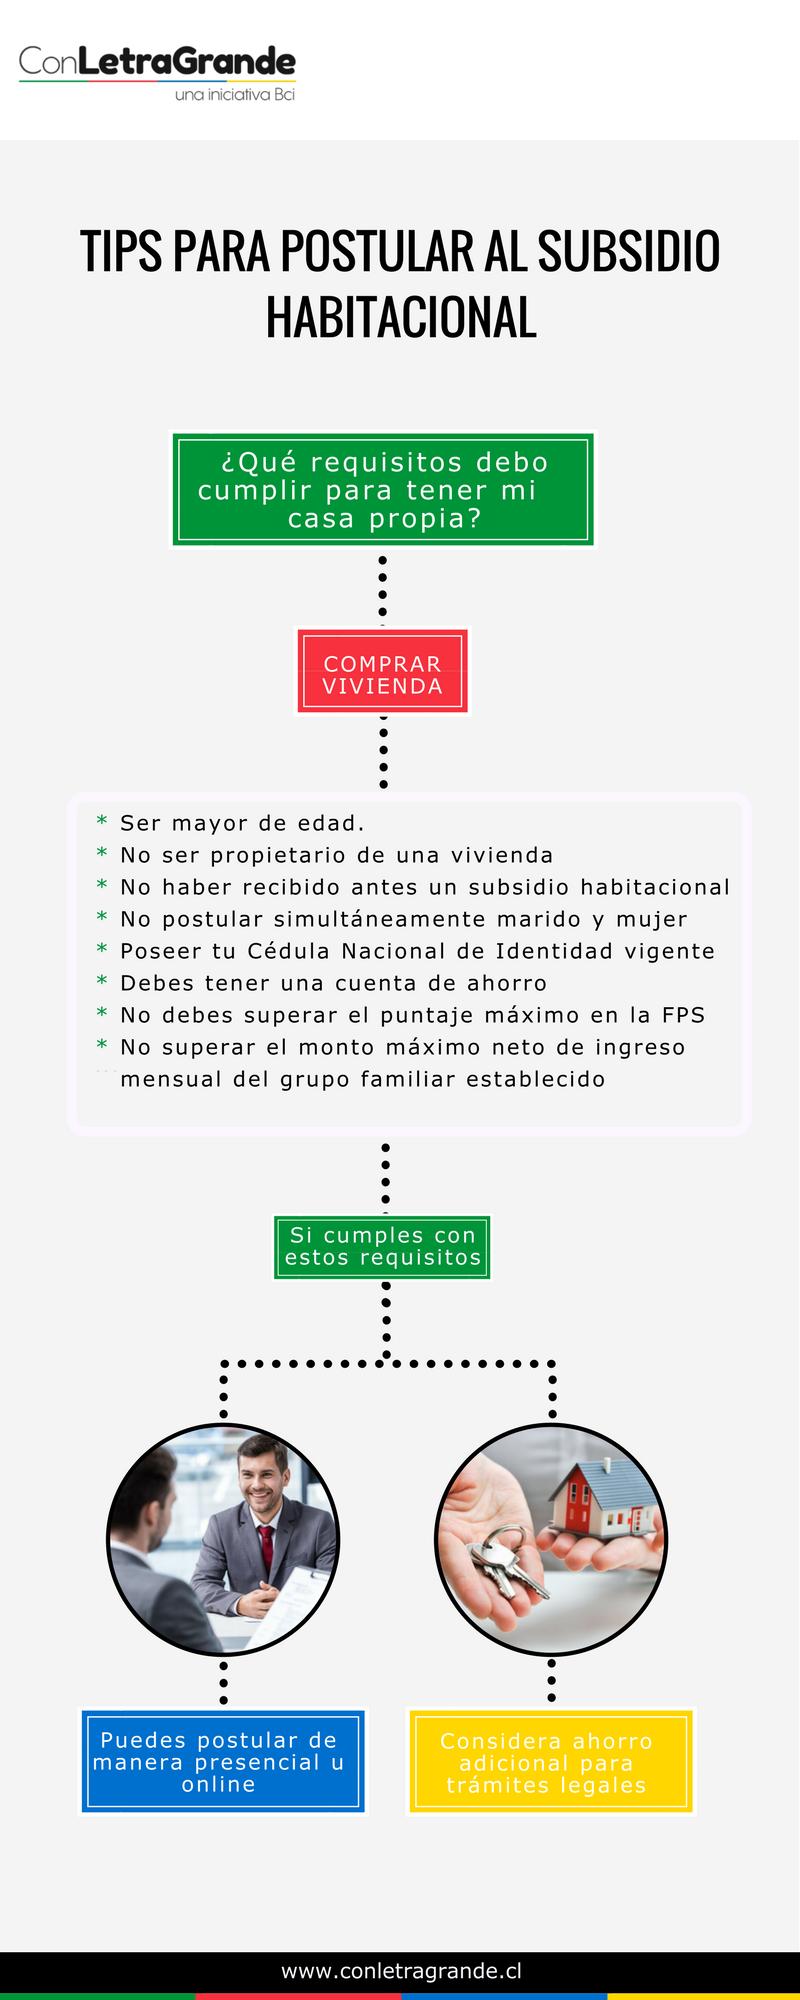 TIPS PARA POSTULAR AL SUBSIDIO HABITACIONAL (2).png